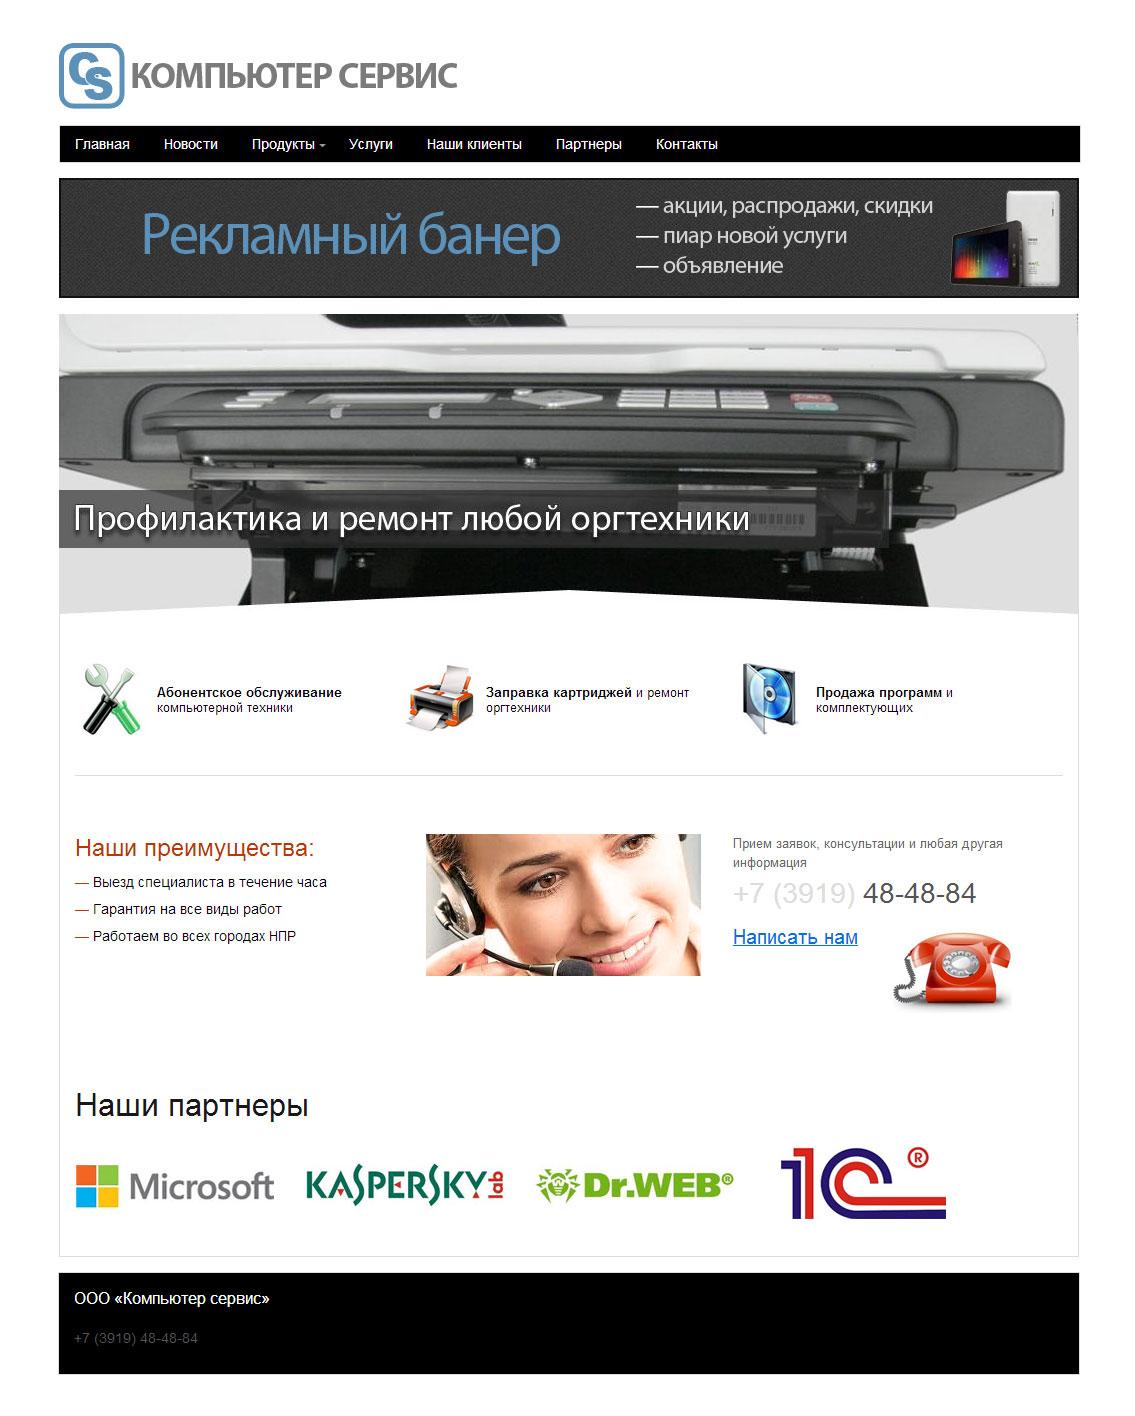 Разработка сайта для «Компьютер-сервиса»